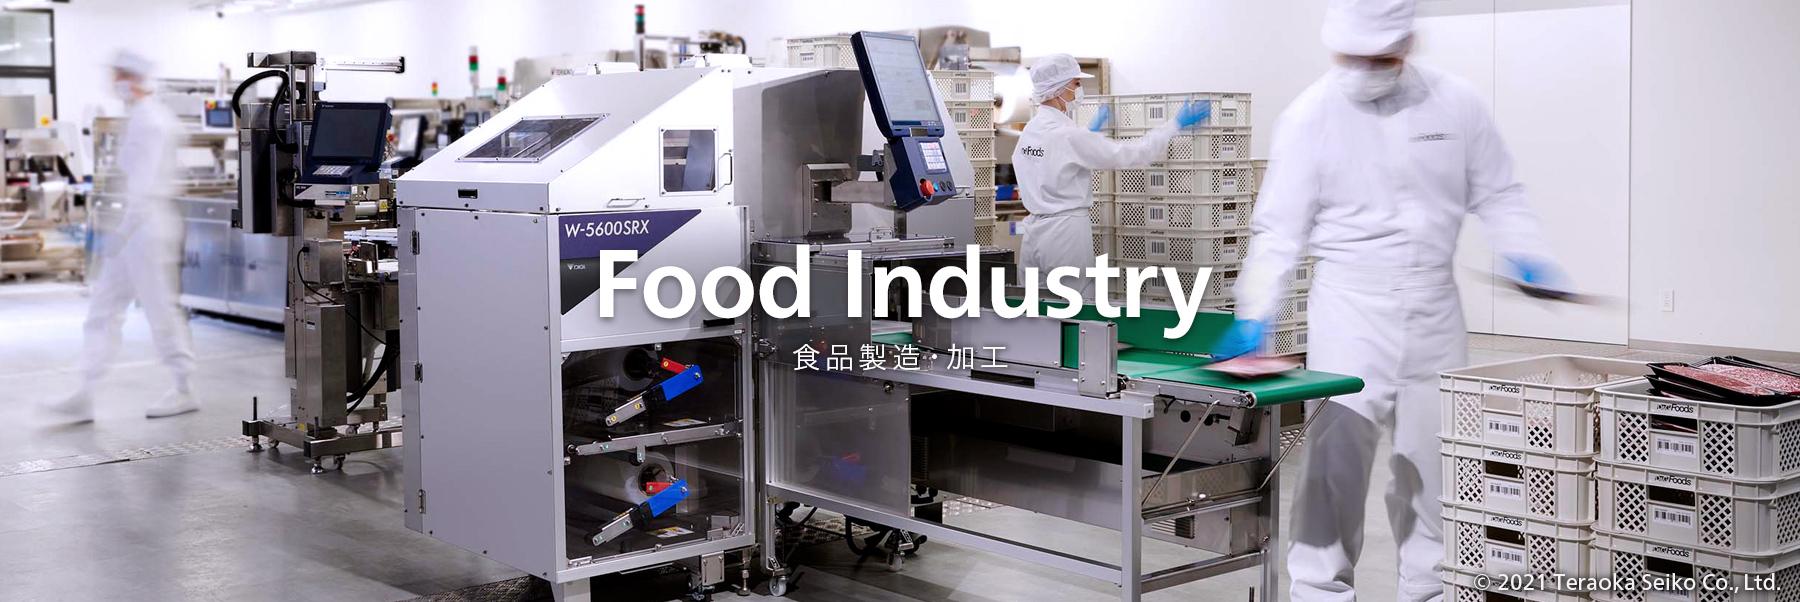 食品製造・加工